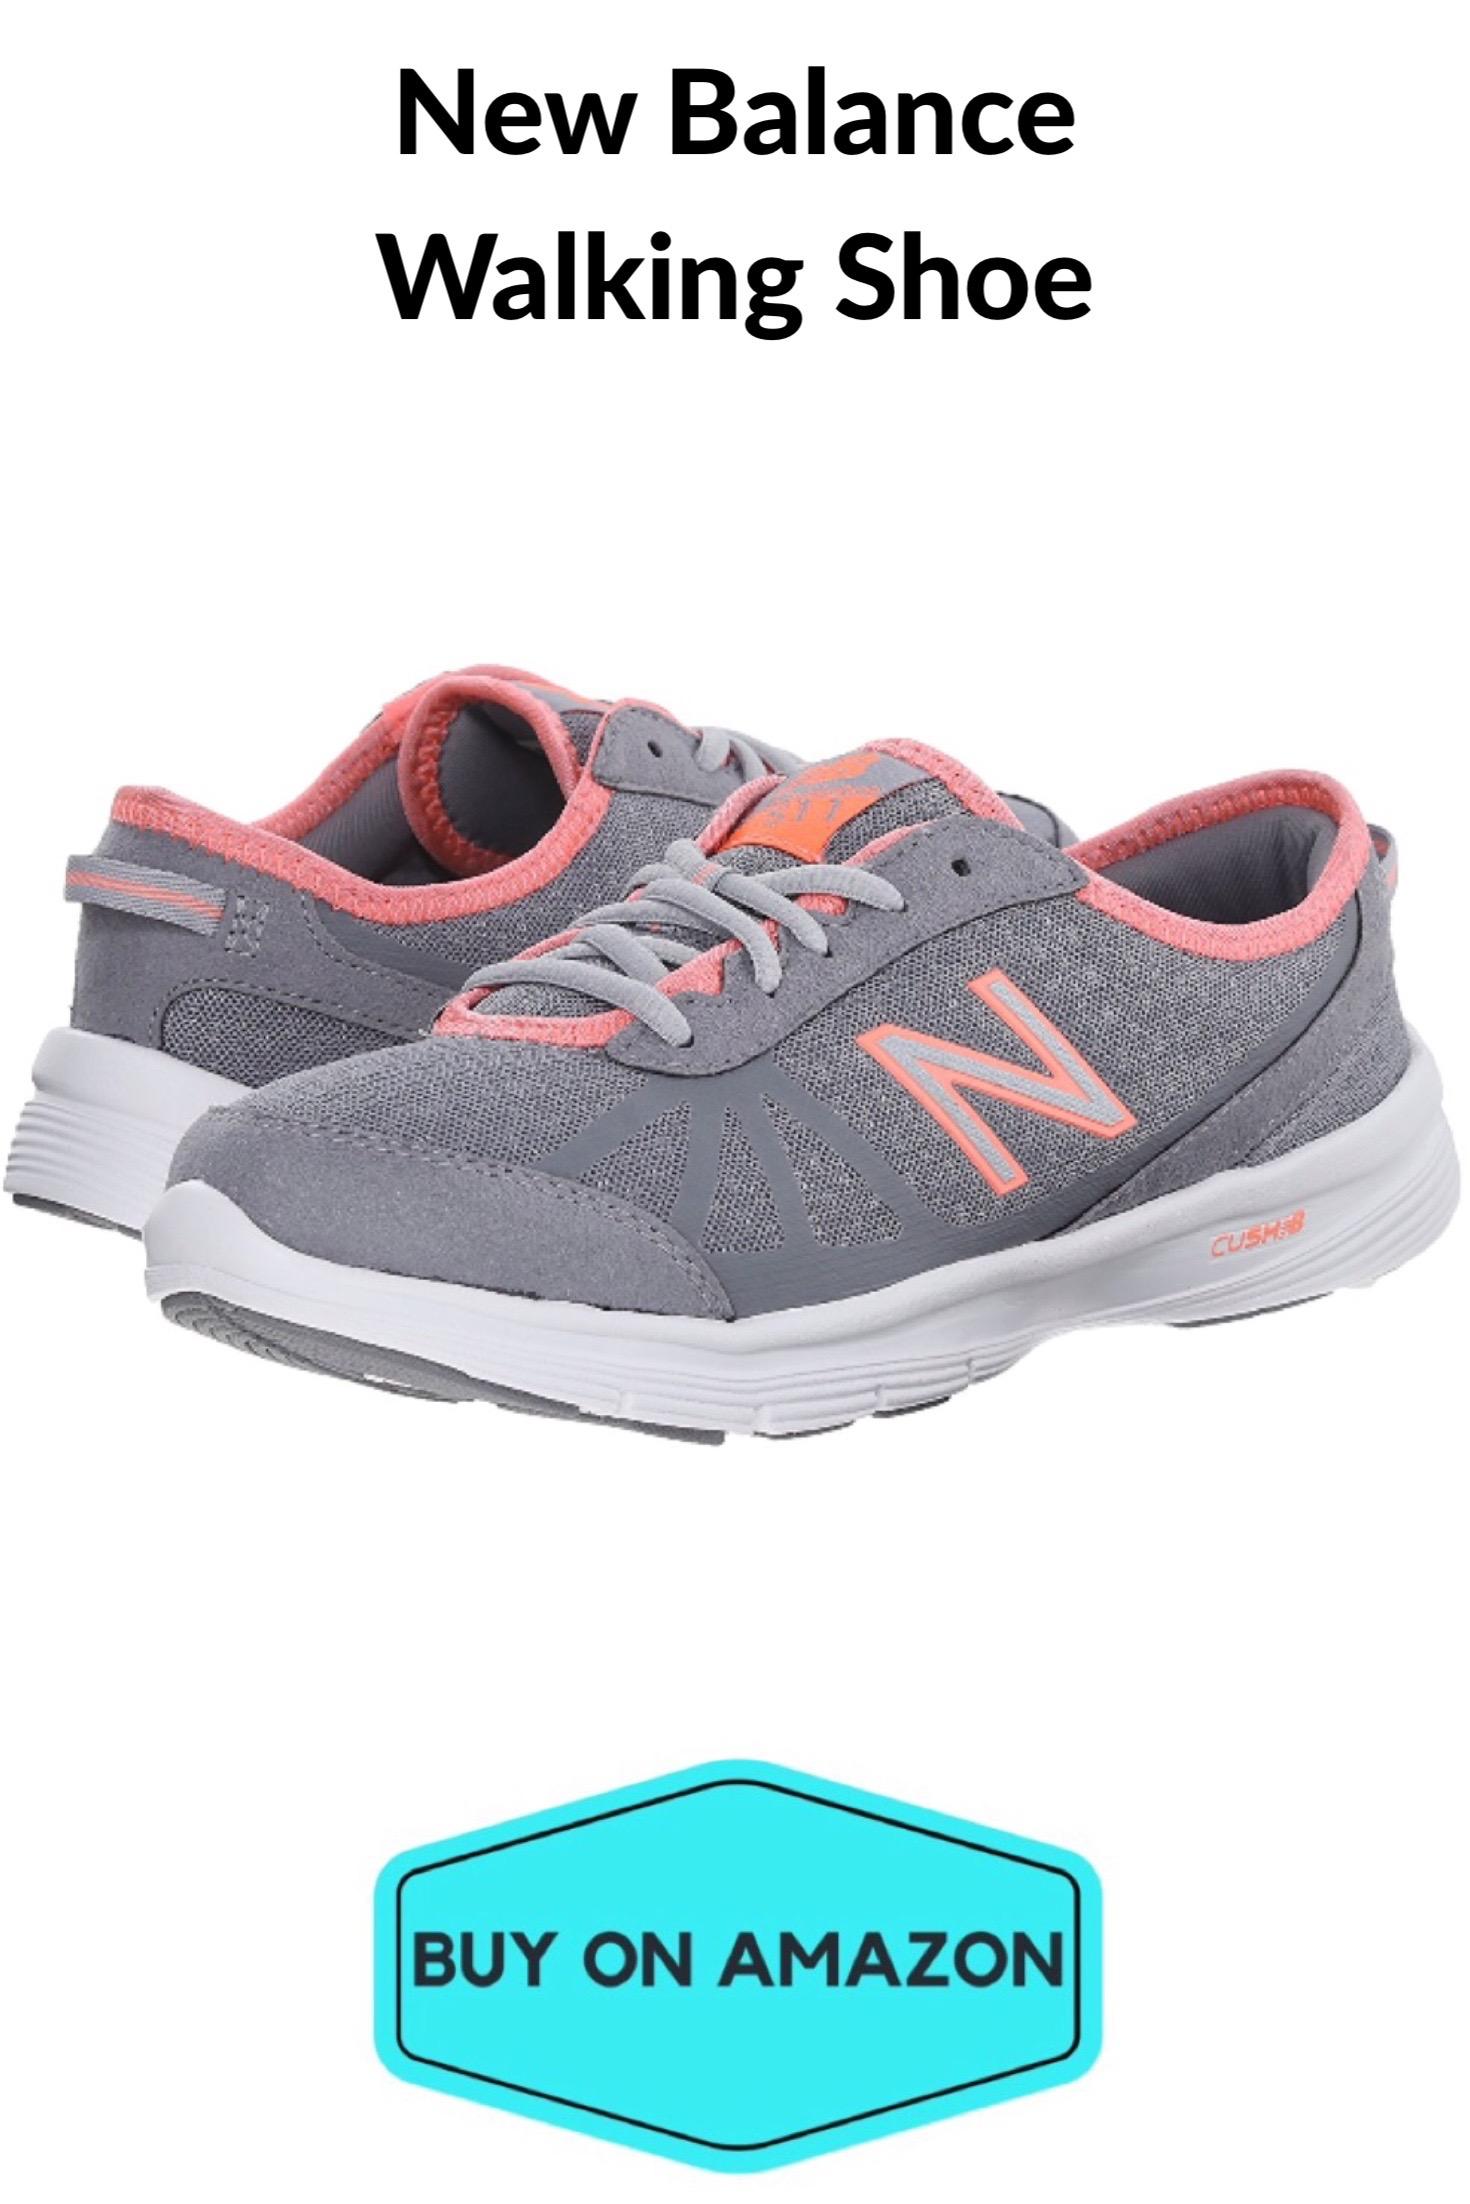 New Balance Women's Walking Shoe